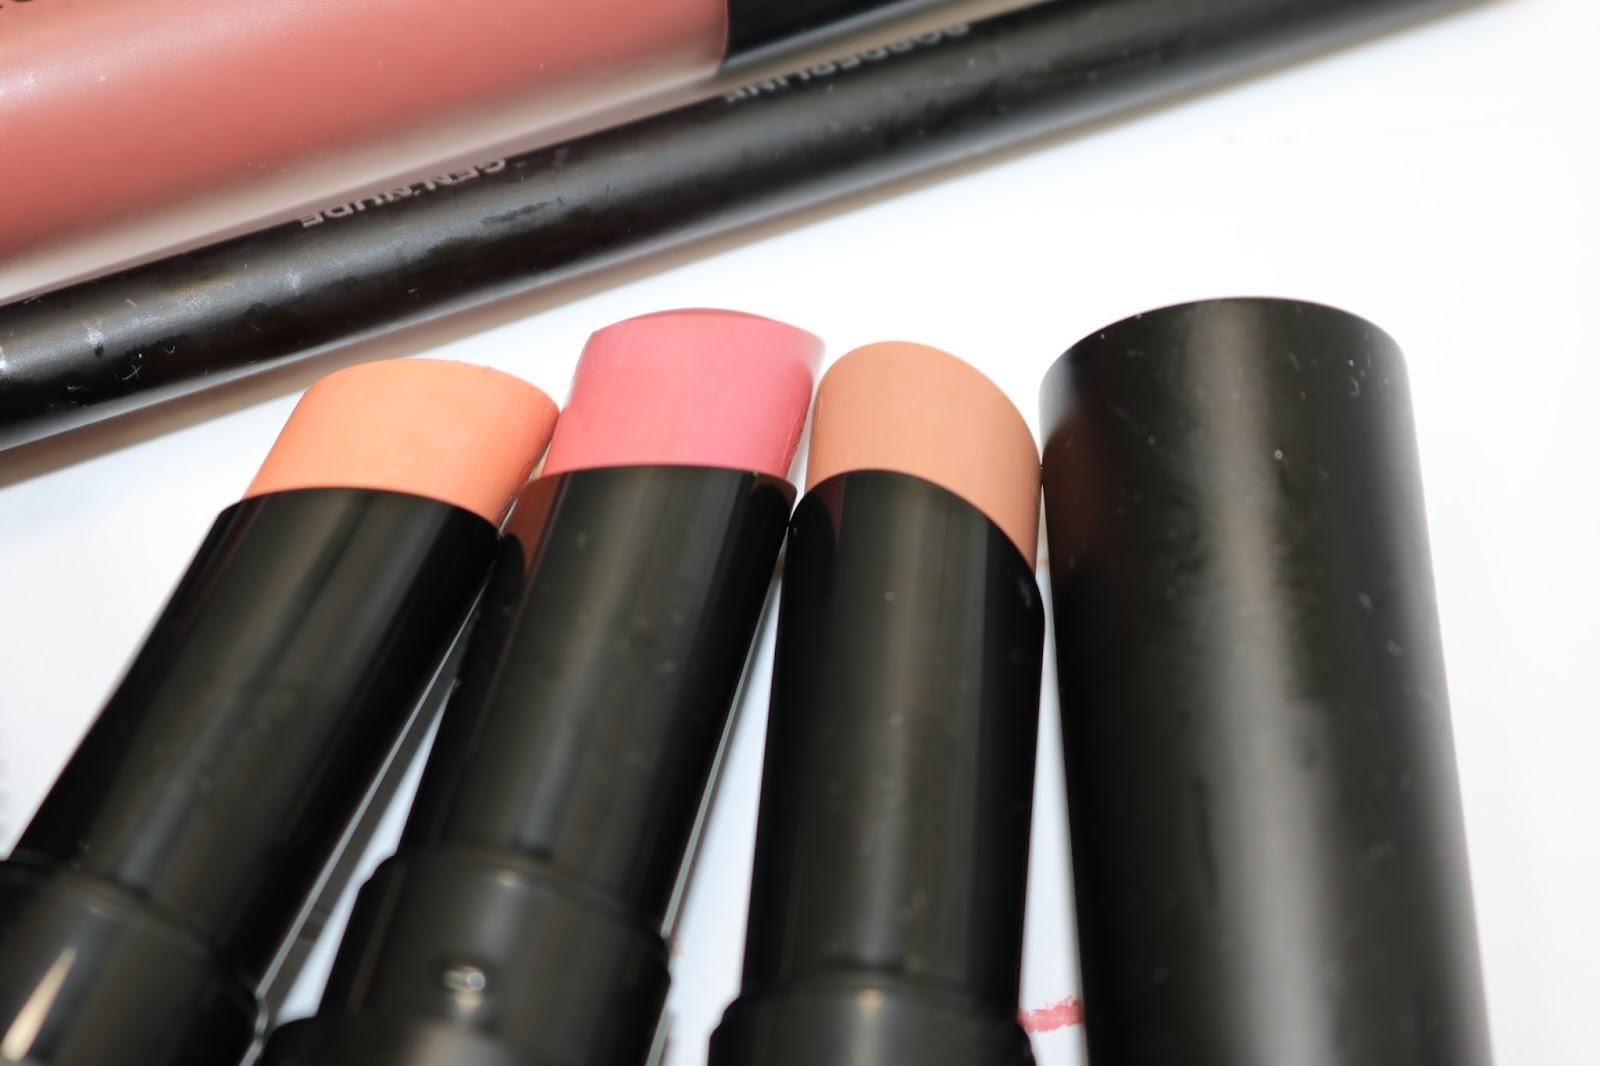 bareMinerals Gen Nude Lipsticks